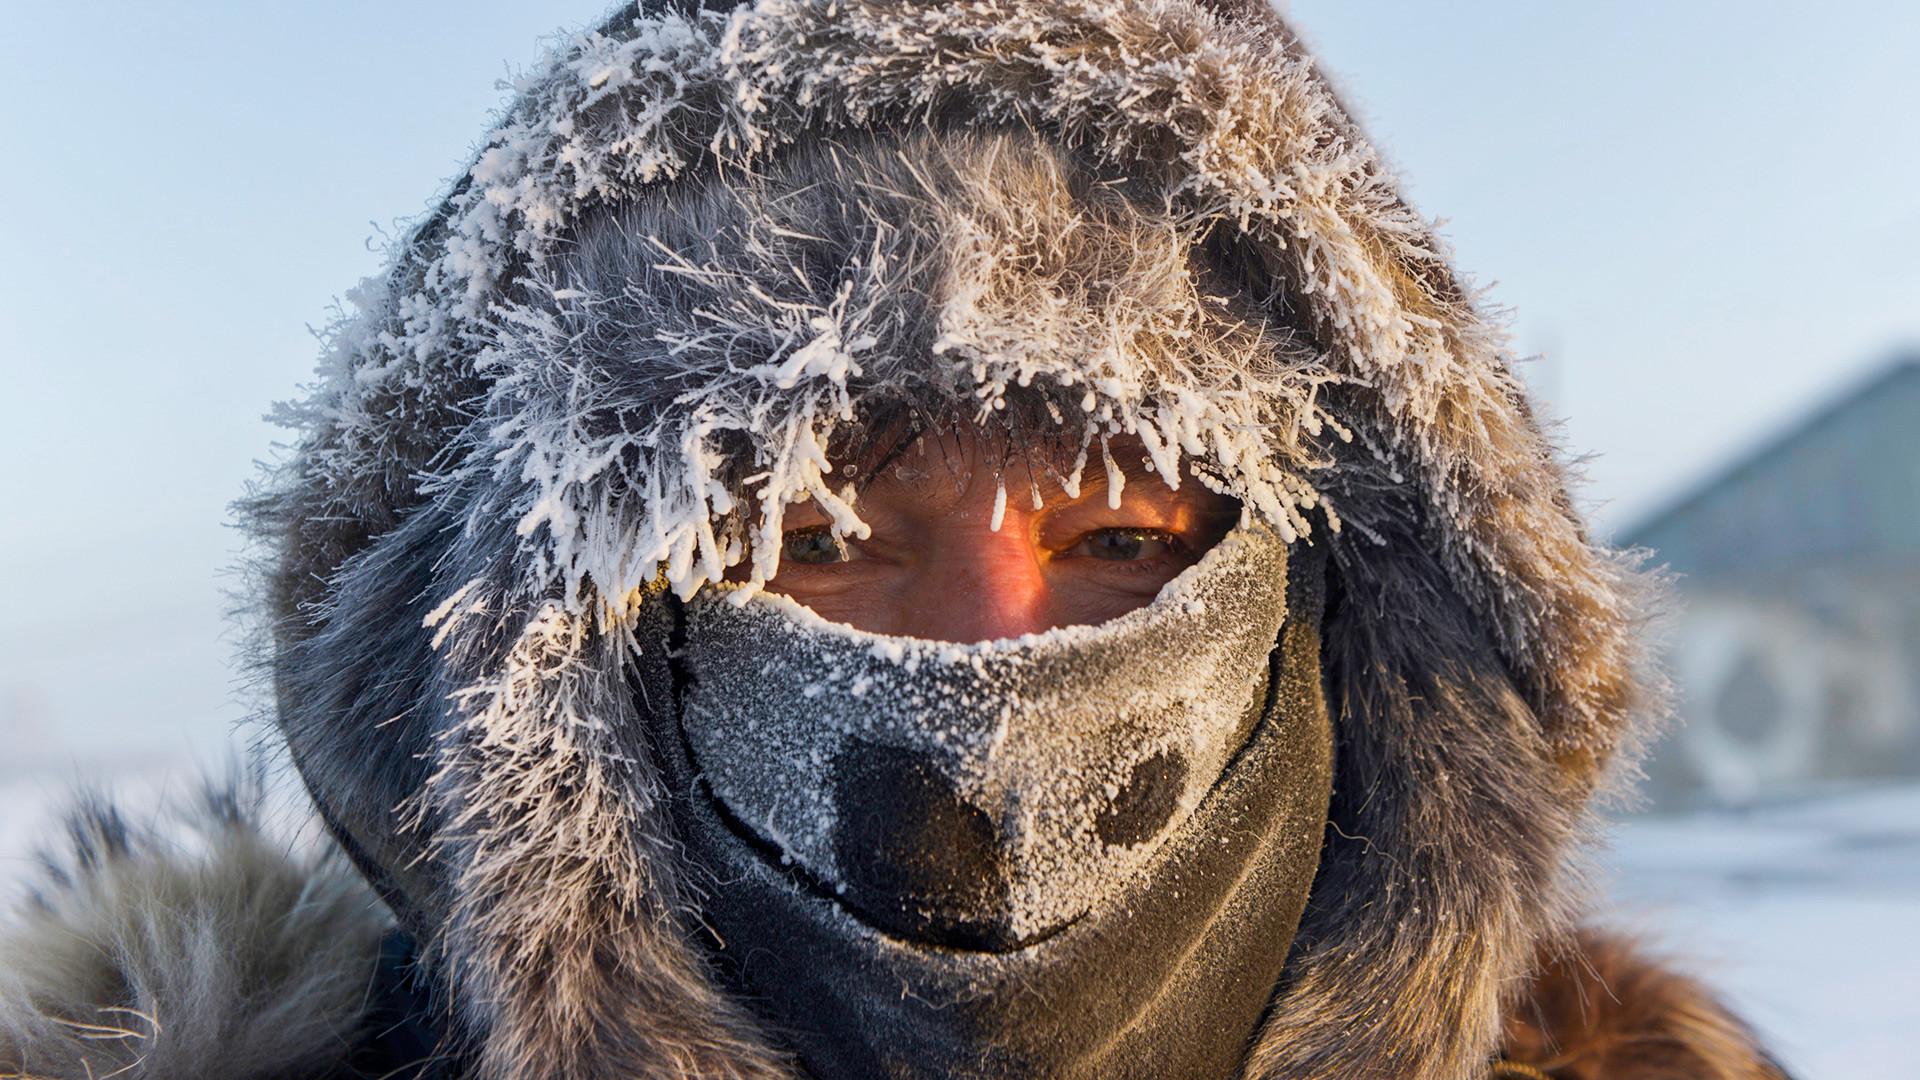 Туриста из Норвешке у Јакутији. Температура се спустила на -47 степени Целзијуса.